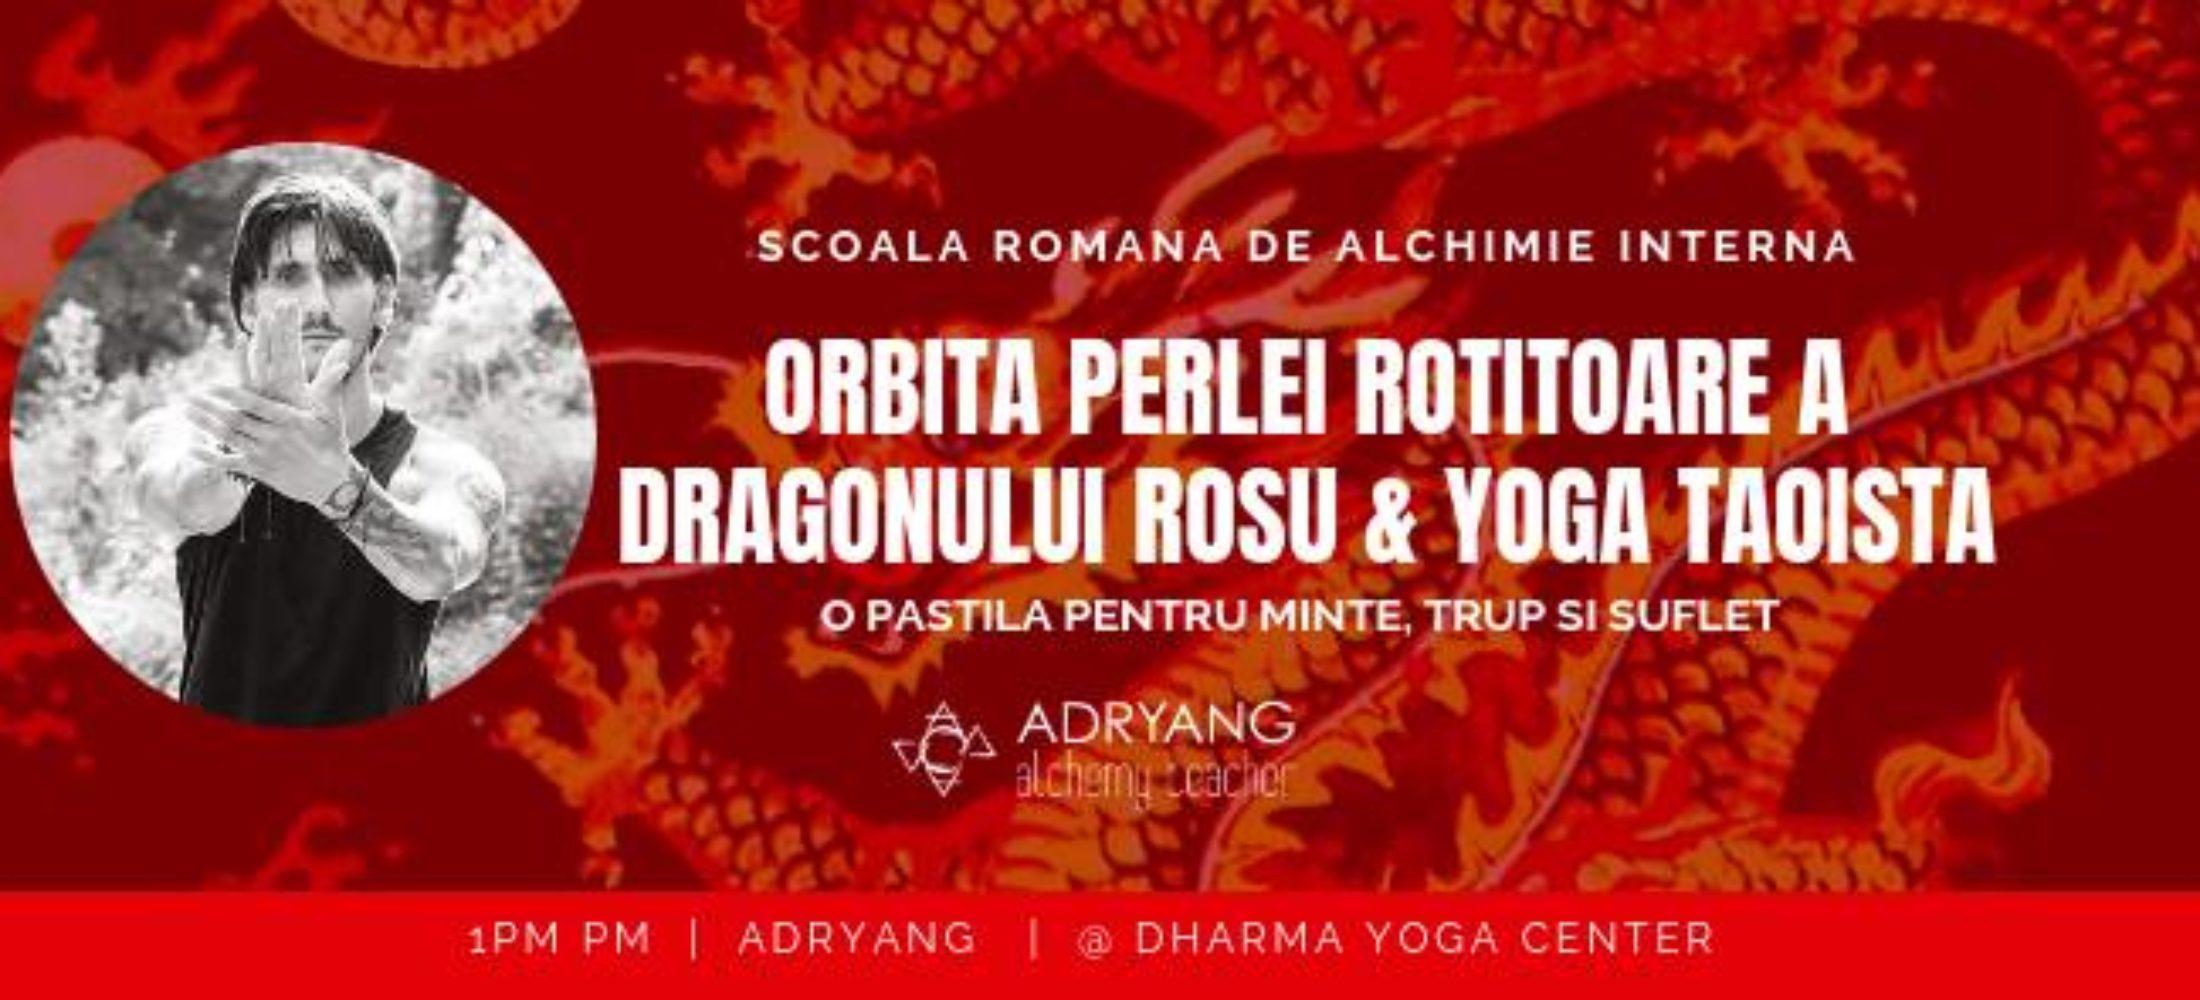 Yoga Taoista & Orbita Perlei Rotitoare a Dragonului Ros